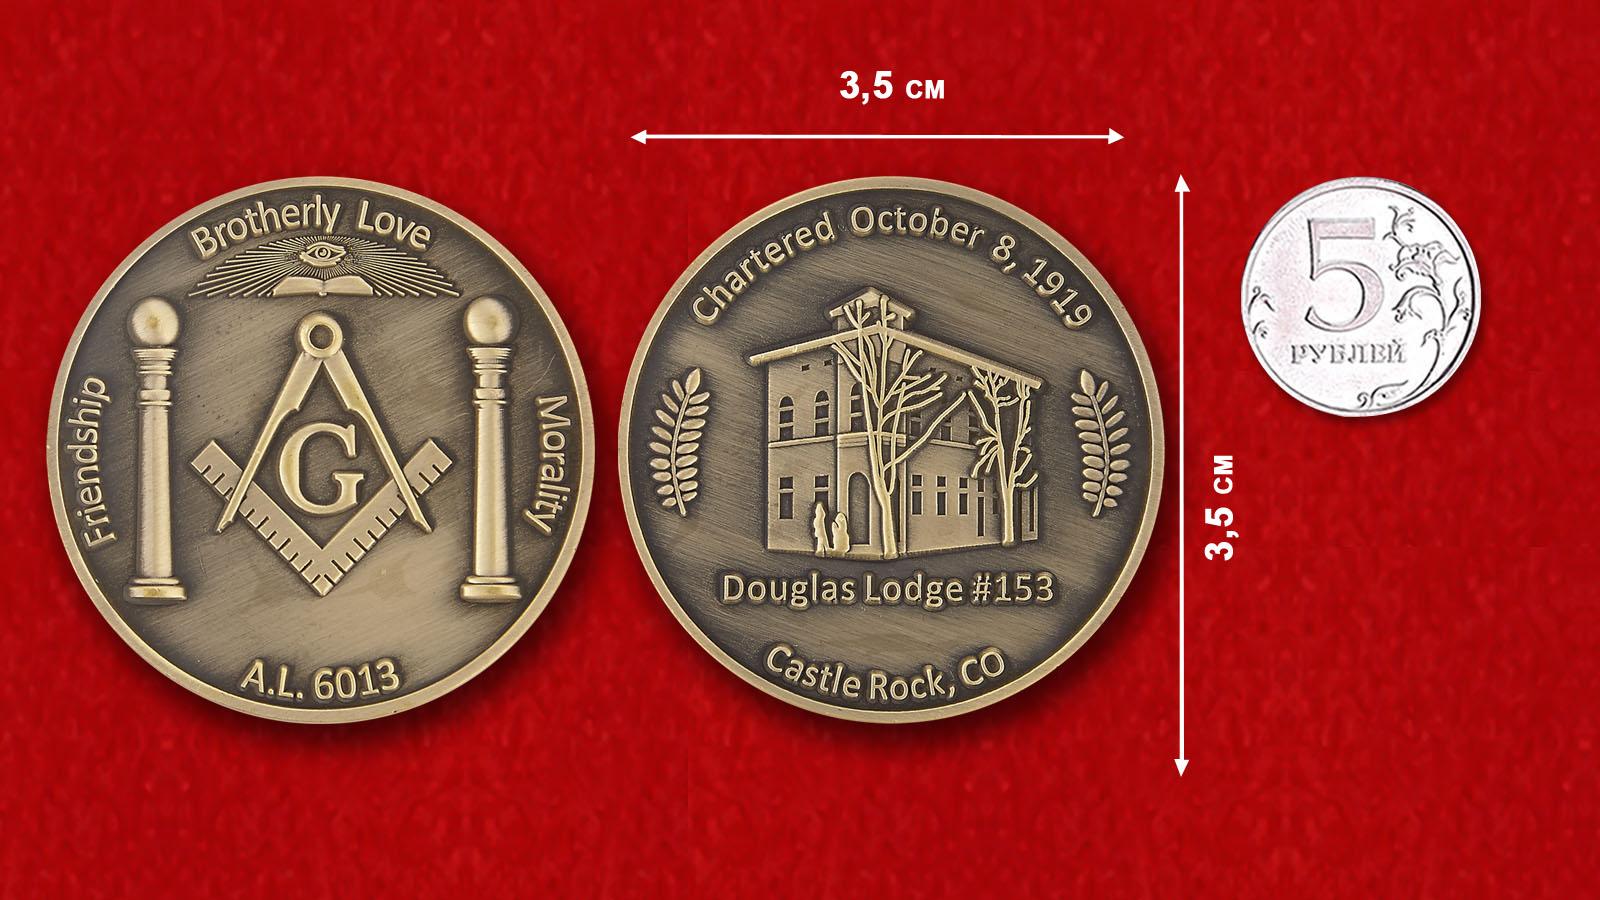 Douglas Lorge # 153 Castle Rock, Colorado Challenge Coin - comparative size